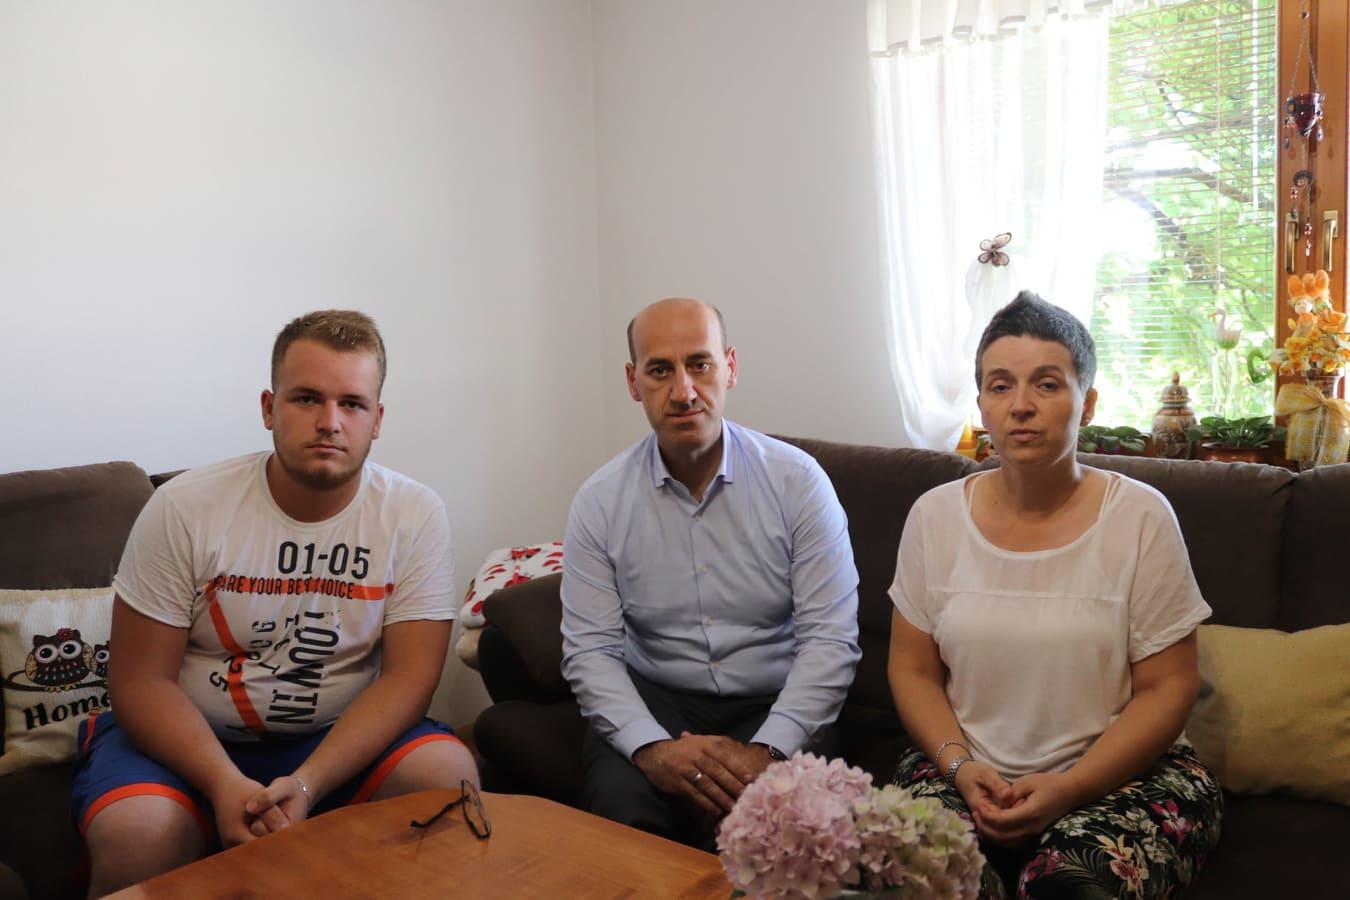 Mirsadu Hajriću iz Prnjavora, za transplantaciju jetre u Istanbulu potrebno 60.000 eura